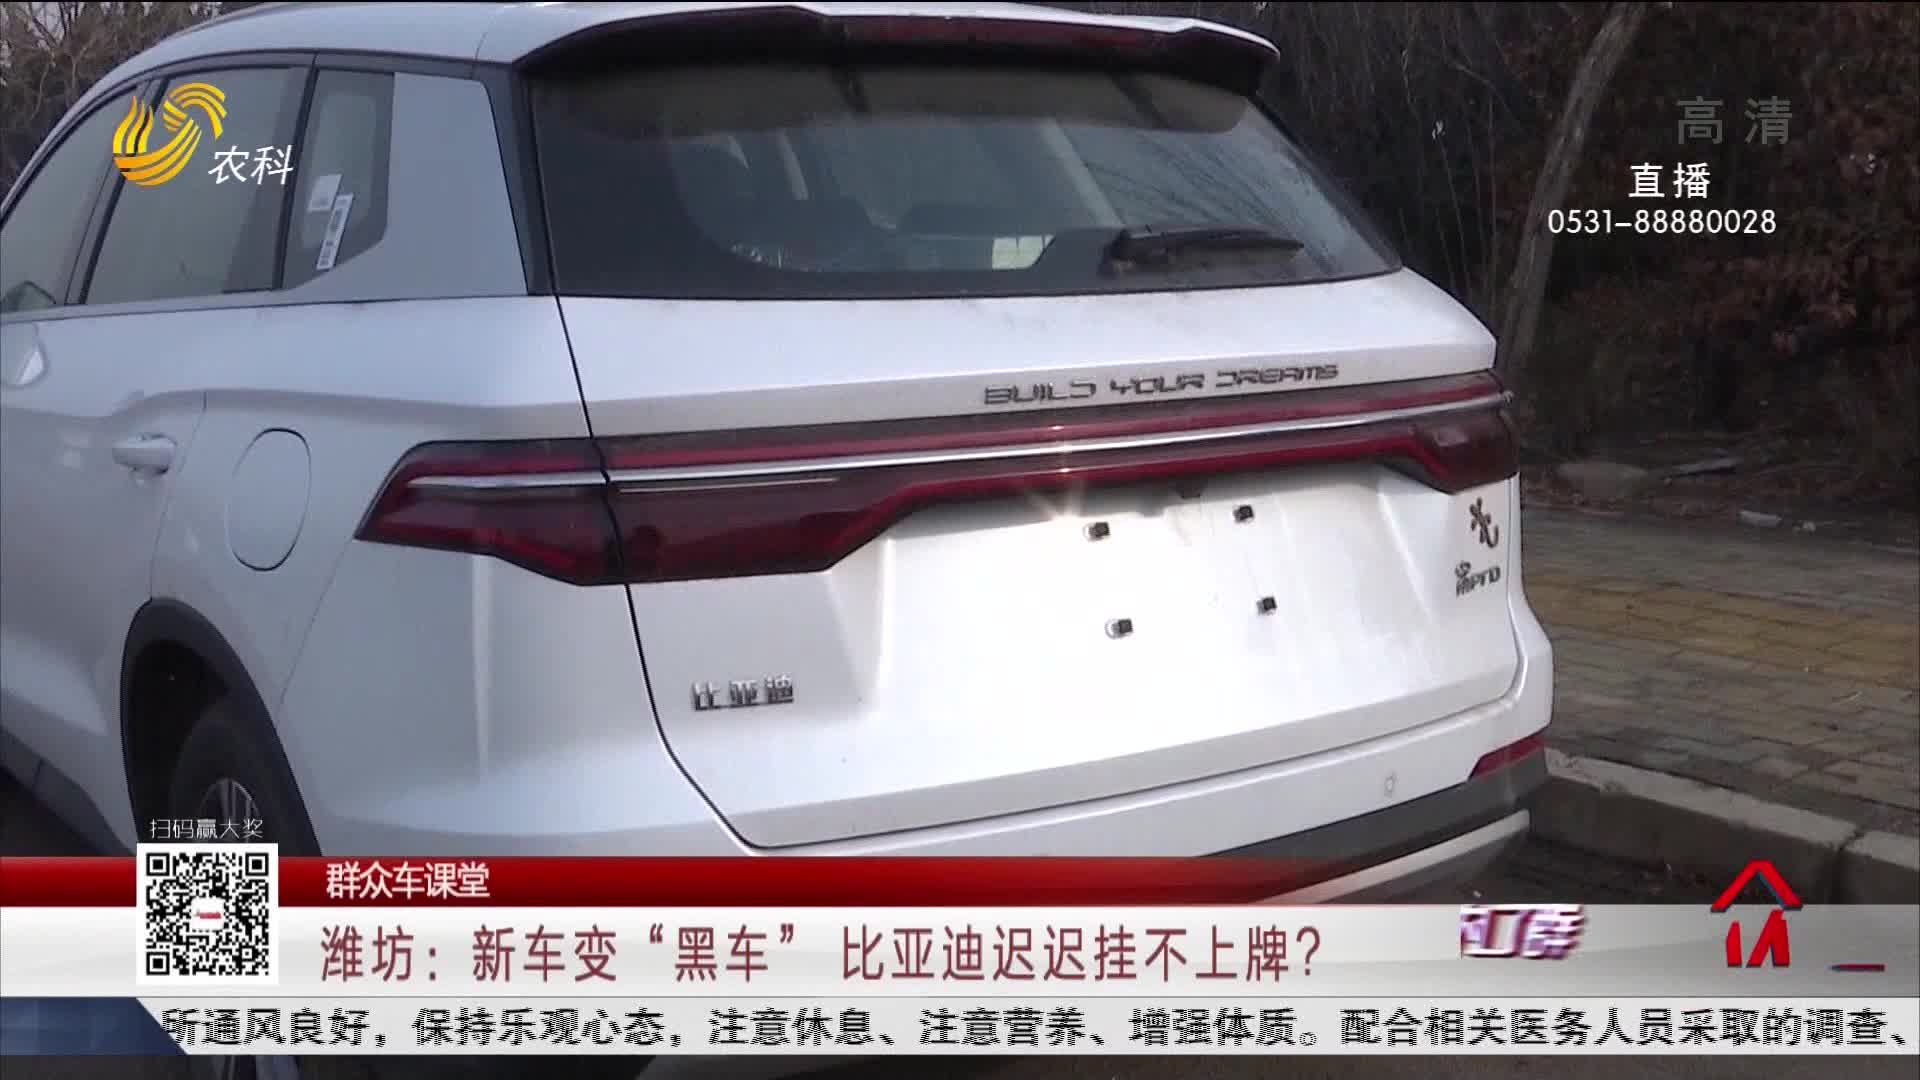 """【群众车课堂】潍坊:新车变""""黑车"""" 比亚迪迟迟挂不上牌?"""